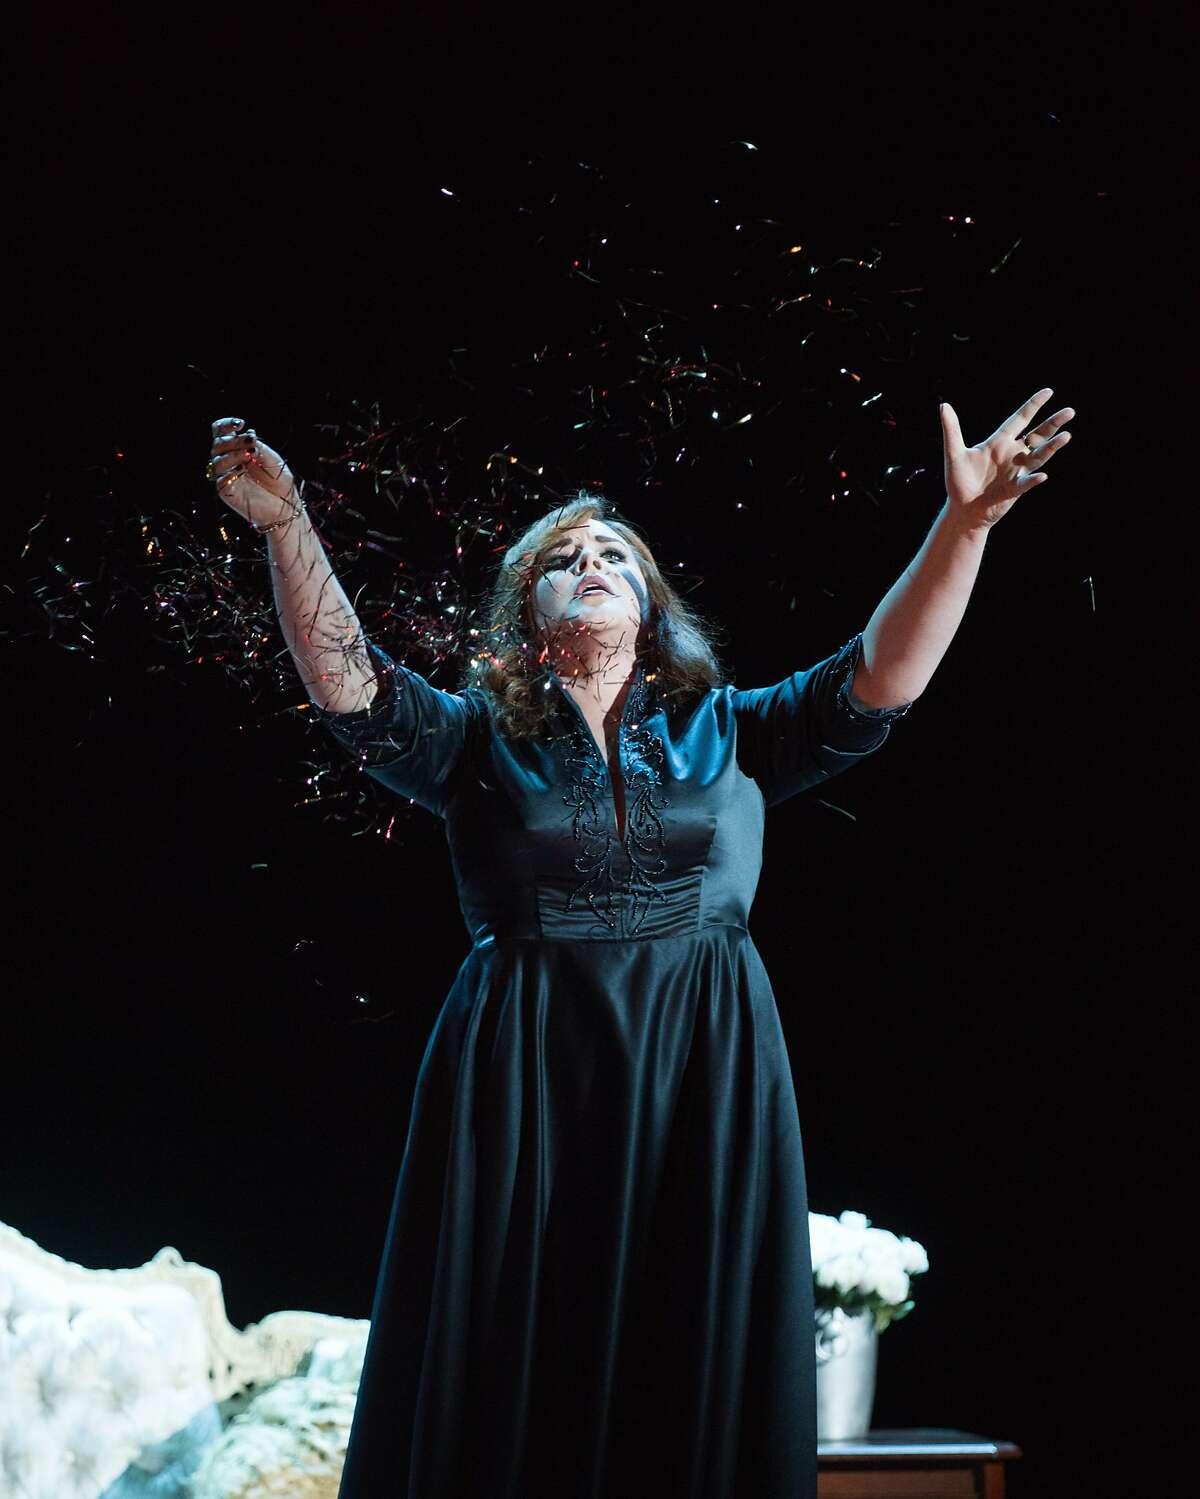 Tara Curtis (Cassandre) performs �Les Grecs ont disparu!... Malheureux roi! Dans l��ternelle nuit� from Les Troyens by Berlioz.